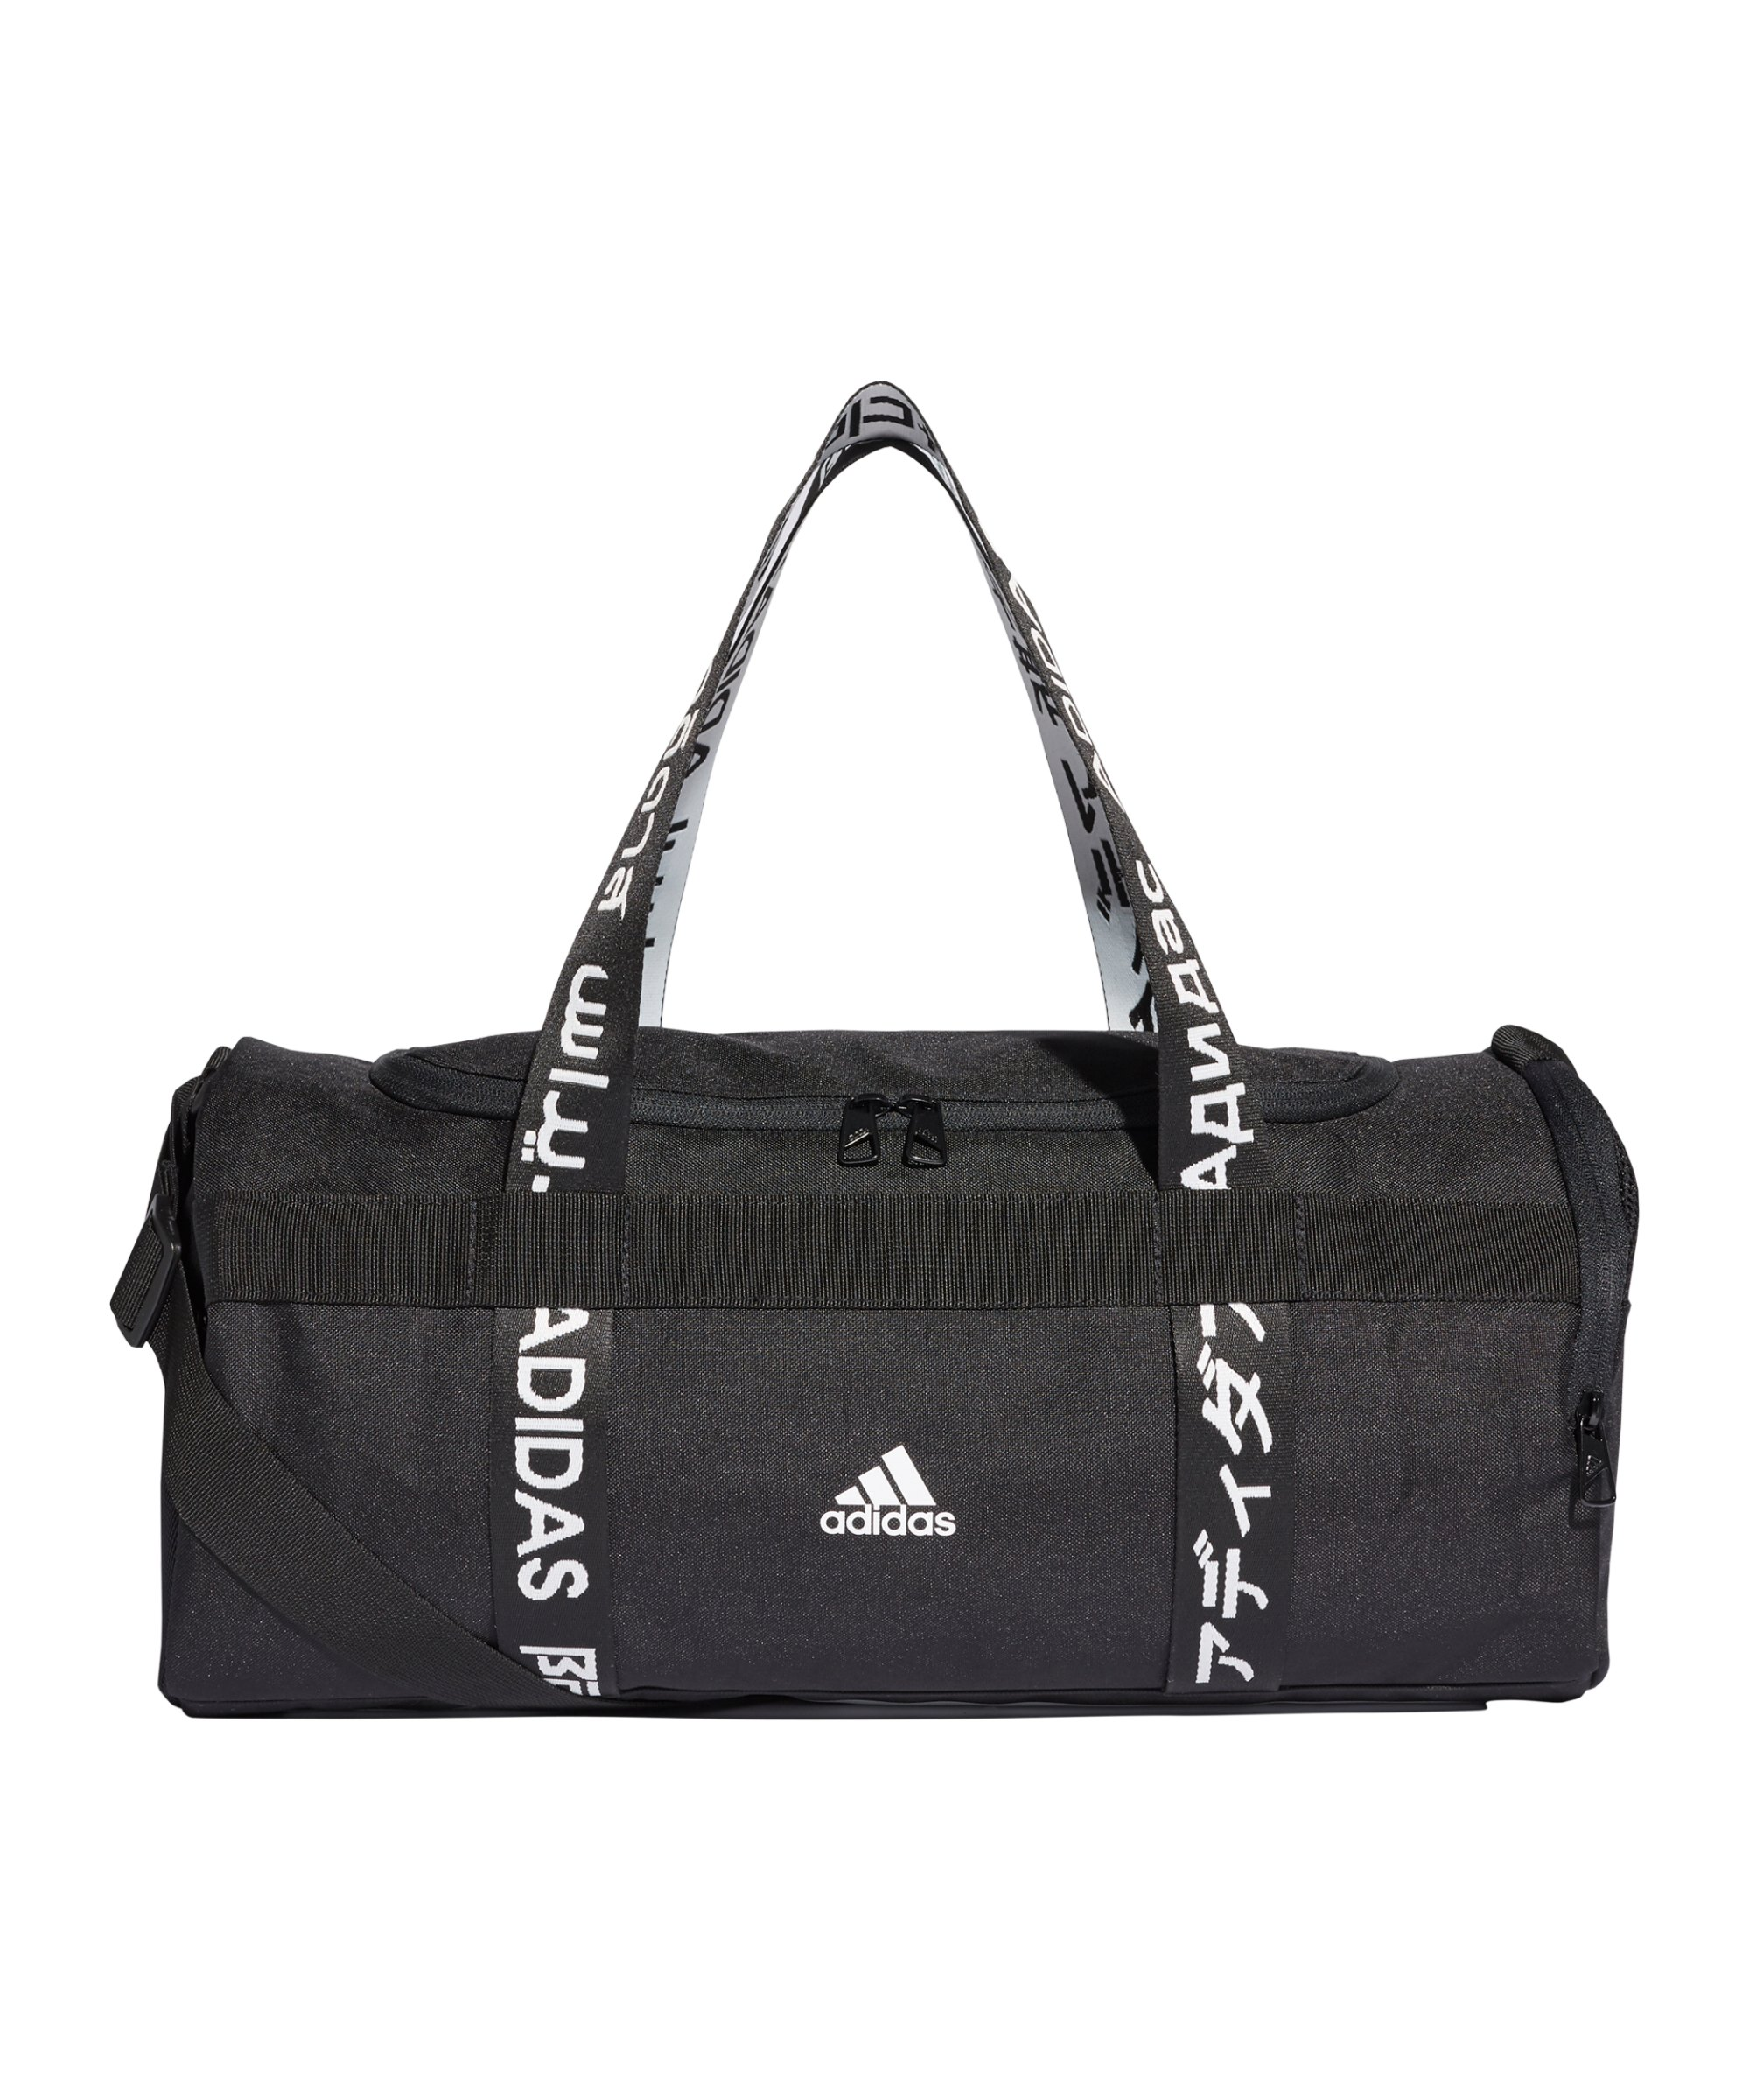 adidas 4ATHLTS S Tasche Schwarz - schwarz